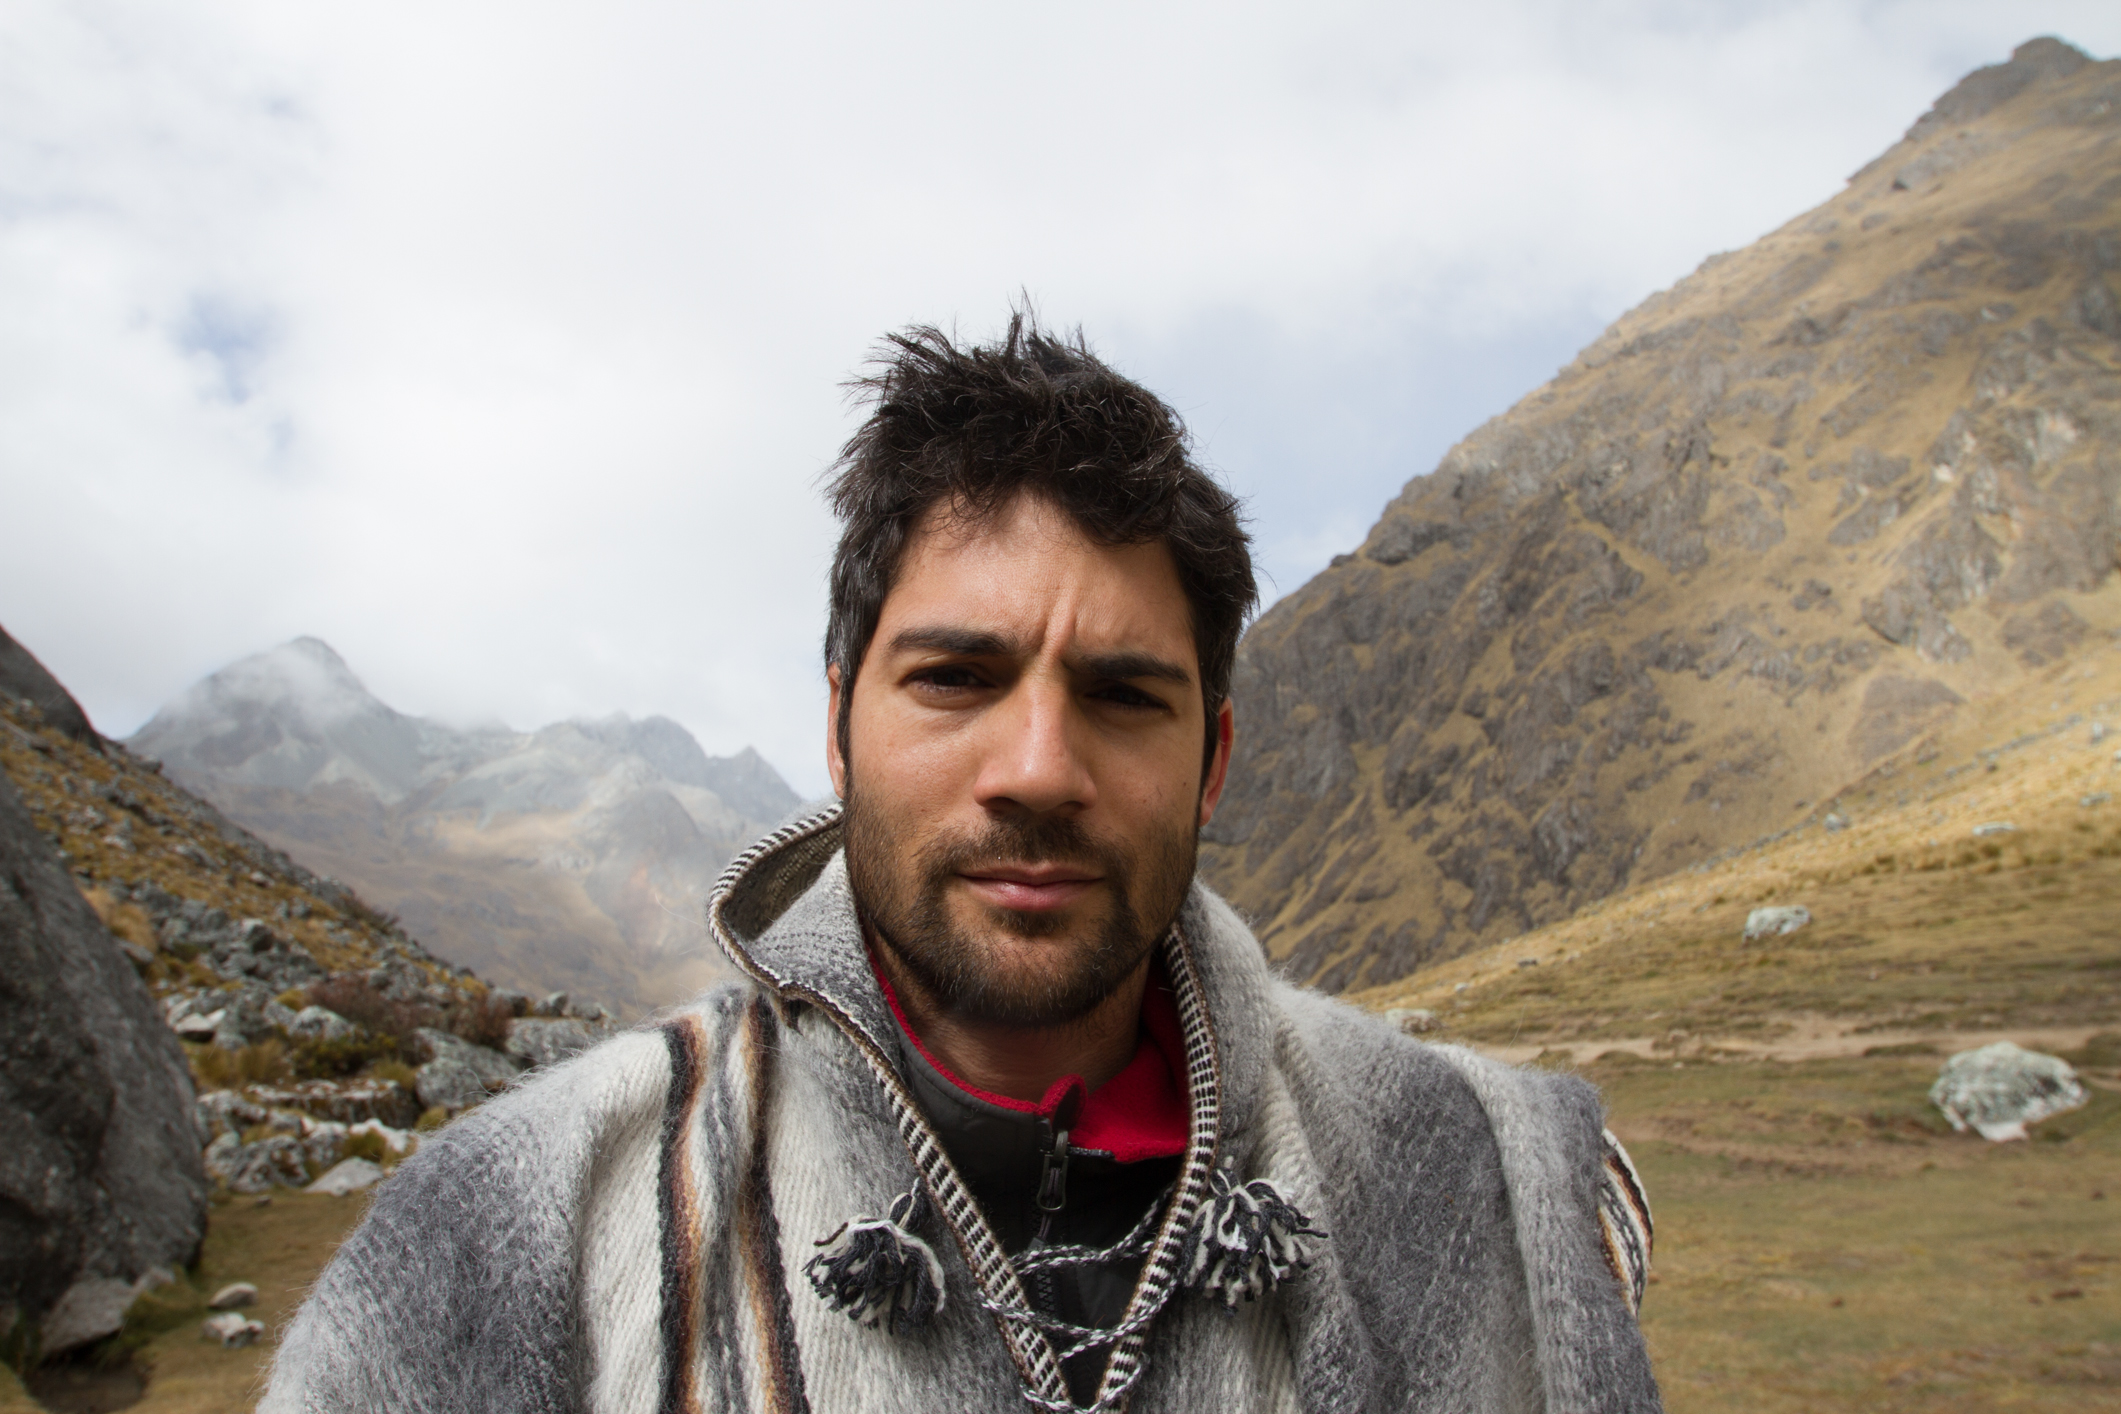 Christian-Schaffer-Peru-Salkantay-Mountain-Trek-003.jpg